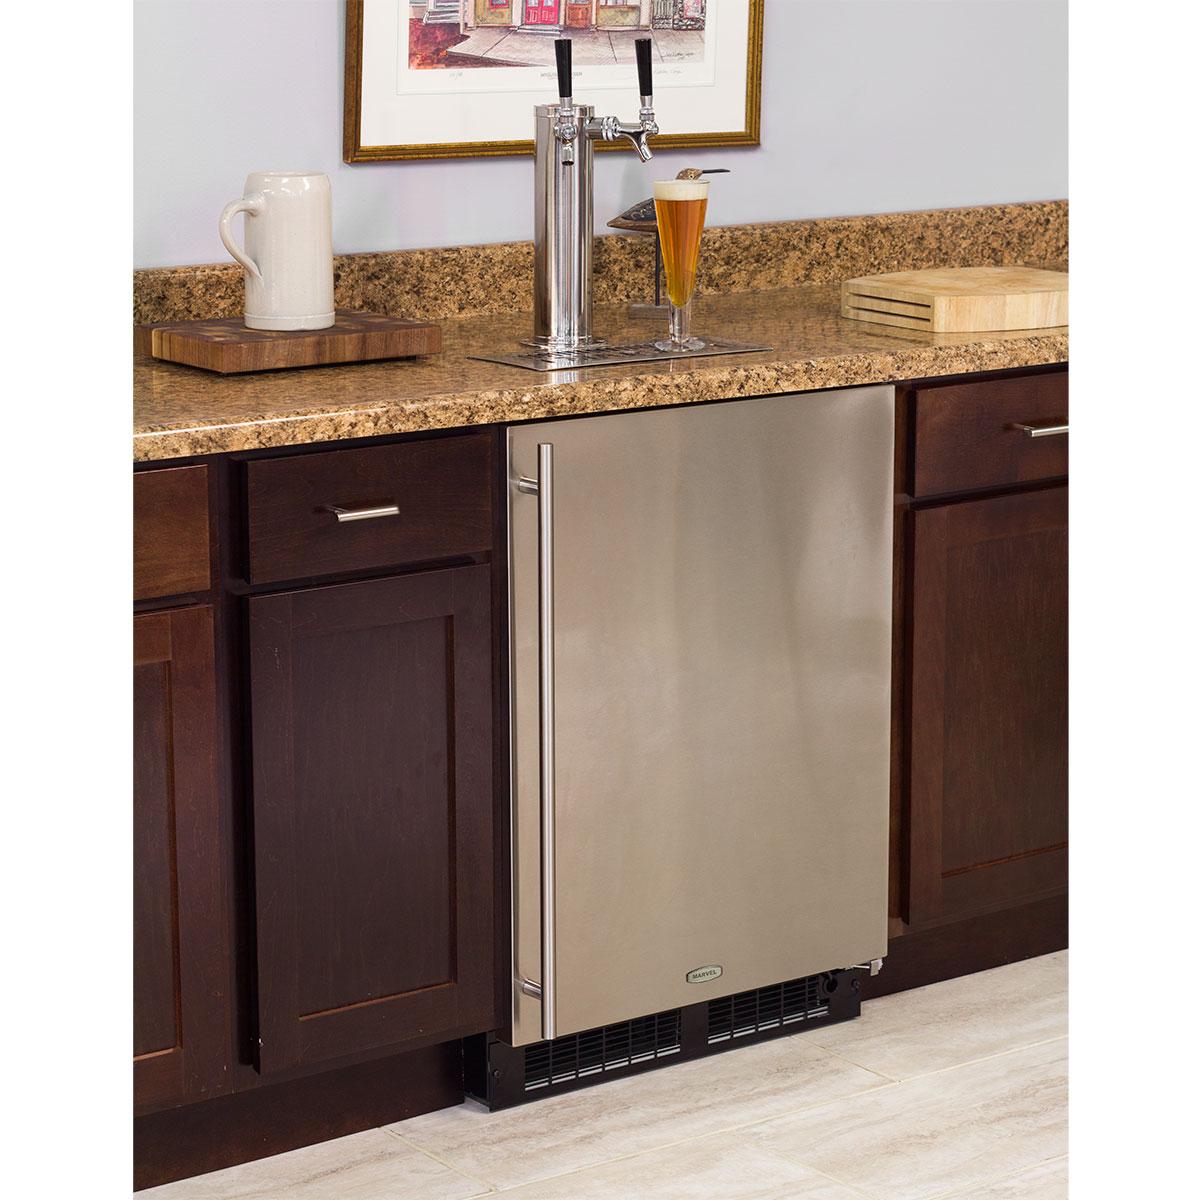 Model: ML24BTP3LP | Marvel  Marvel Built-In Indoor Twin Tap Beer Dispenser- Solid Panel Overlay Ready Door Integrated Left Hinge